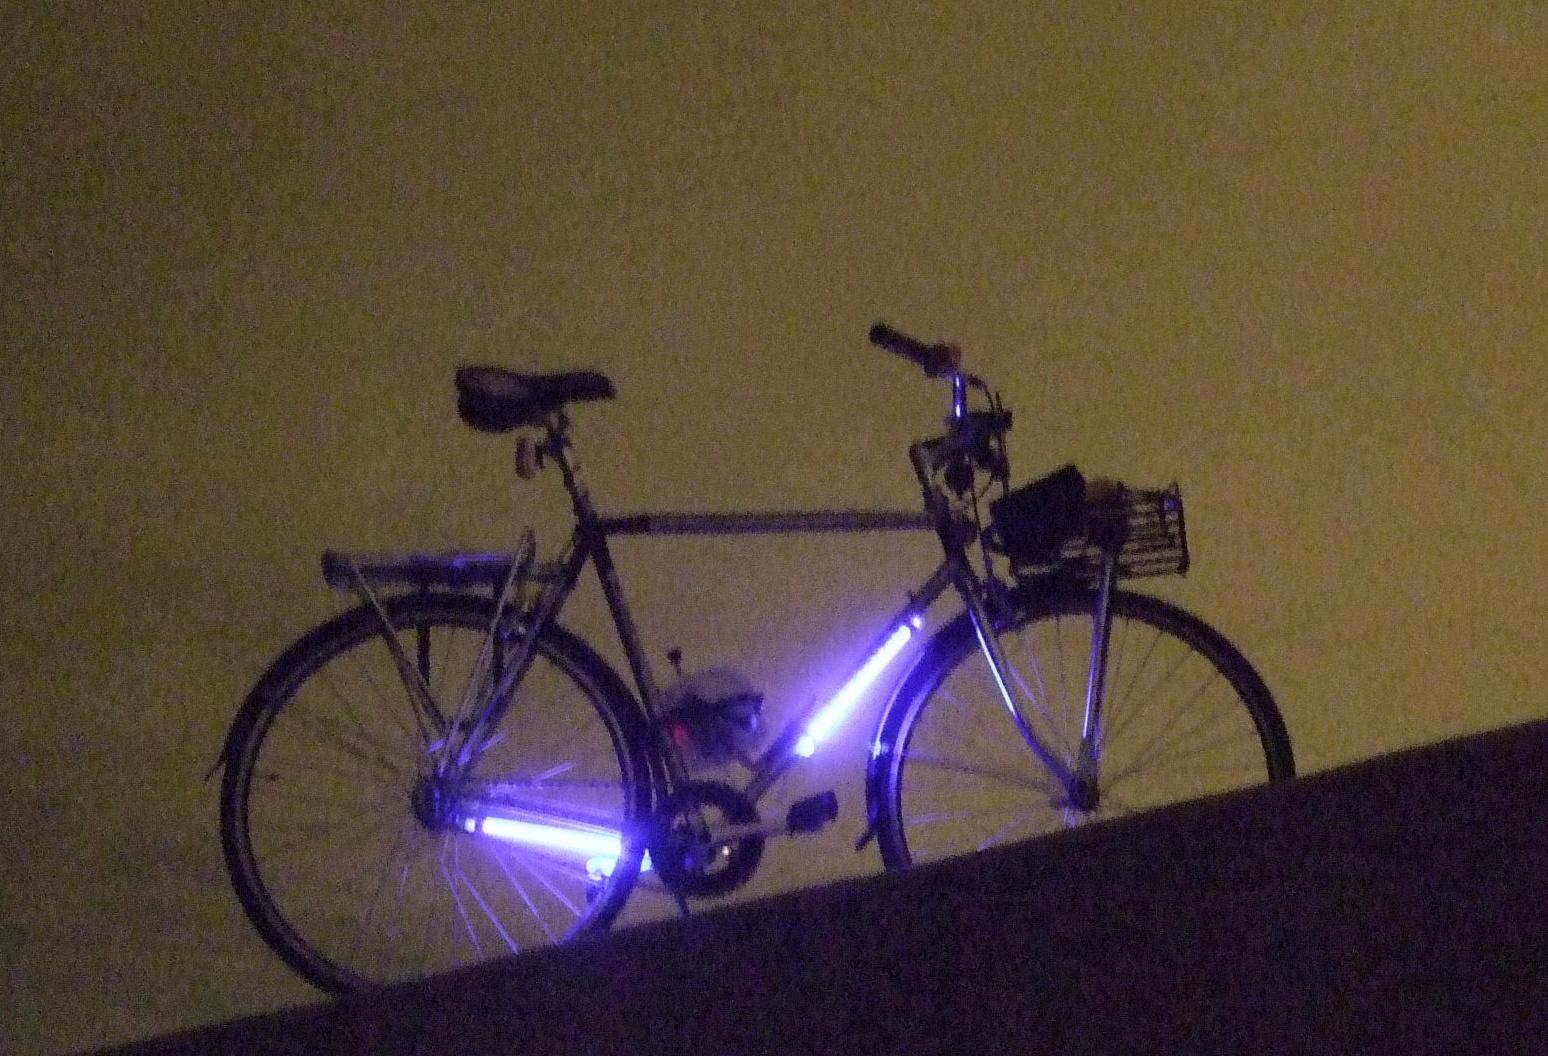 Fietsverlichting zonder batterijen - Hedendaagse wetenschap in het ...